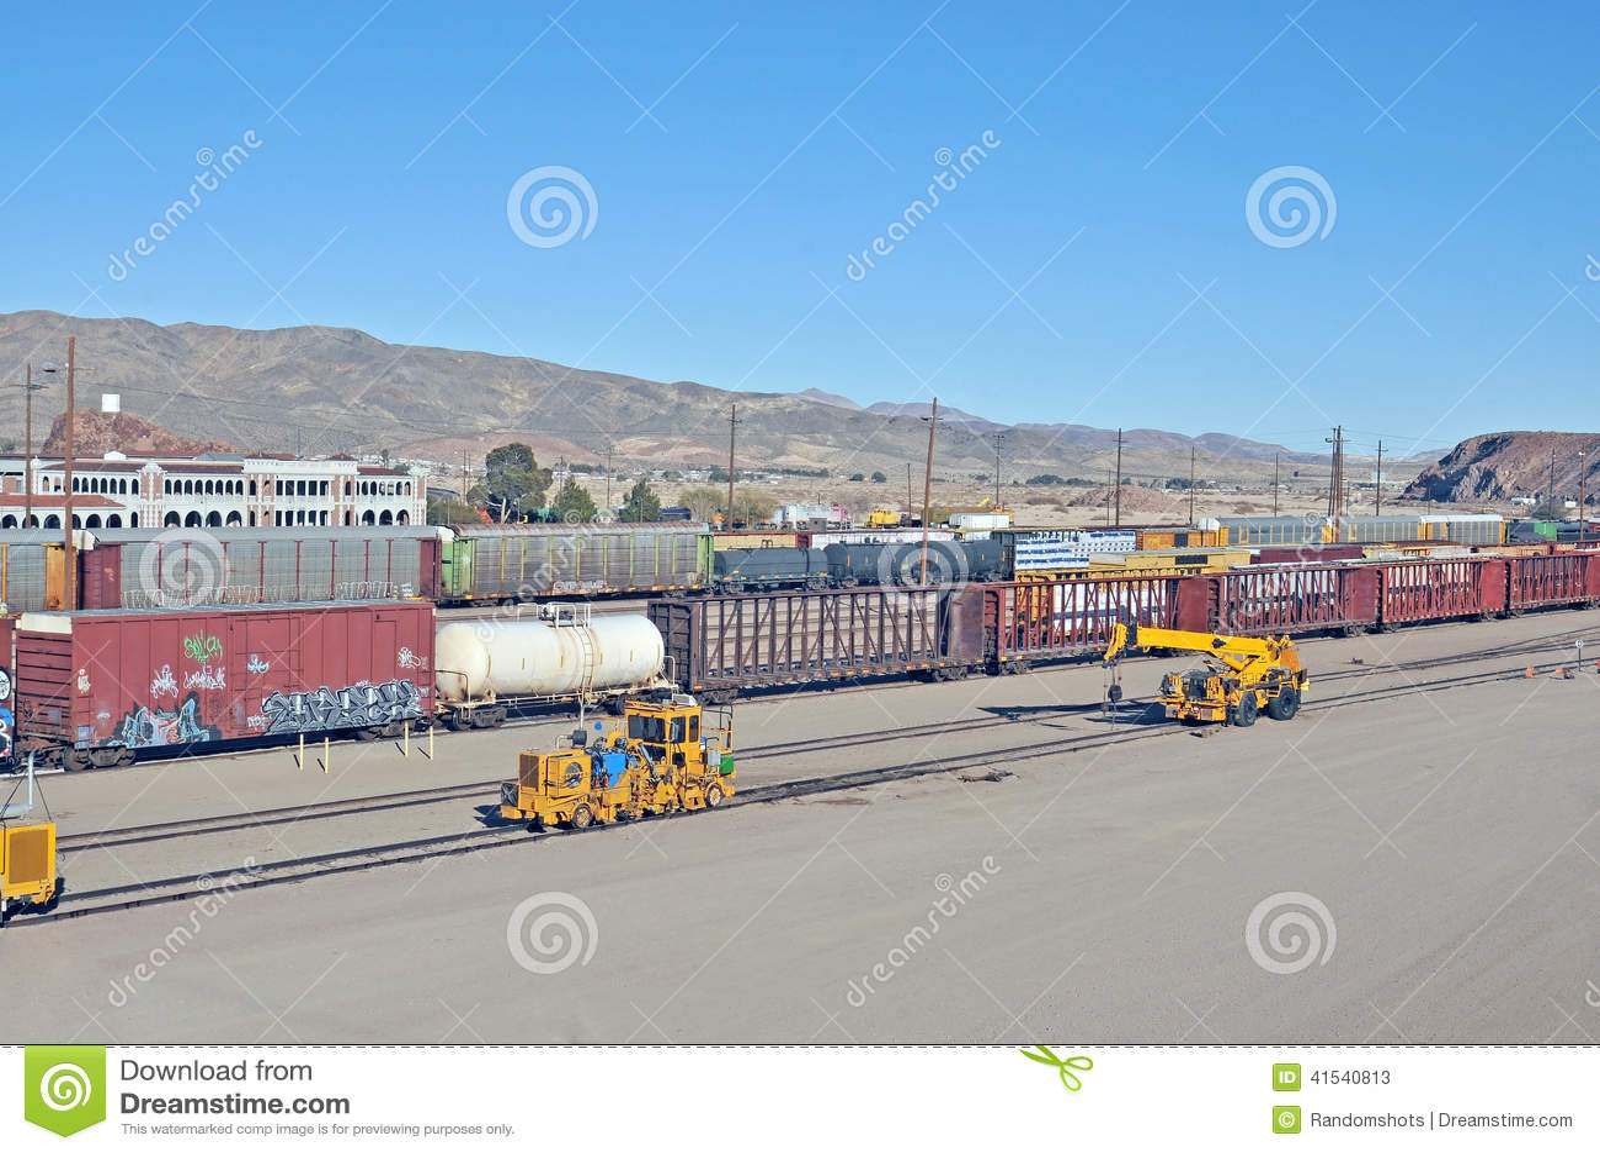 Barstow Rail Yard stock image  Image of equipment, barstow